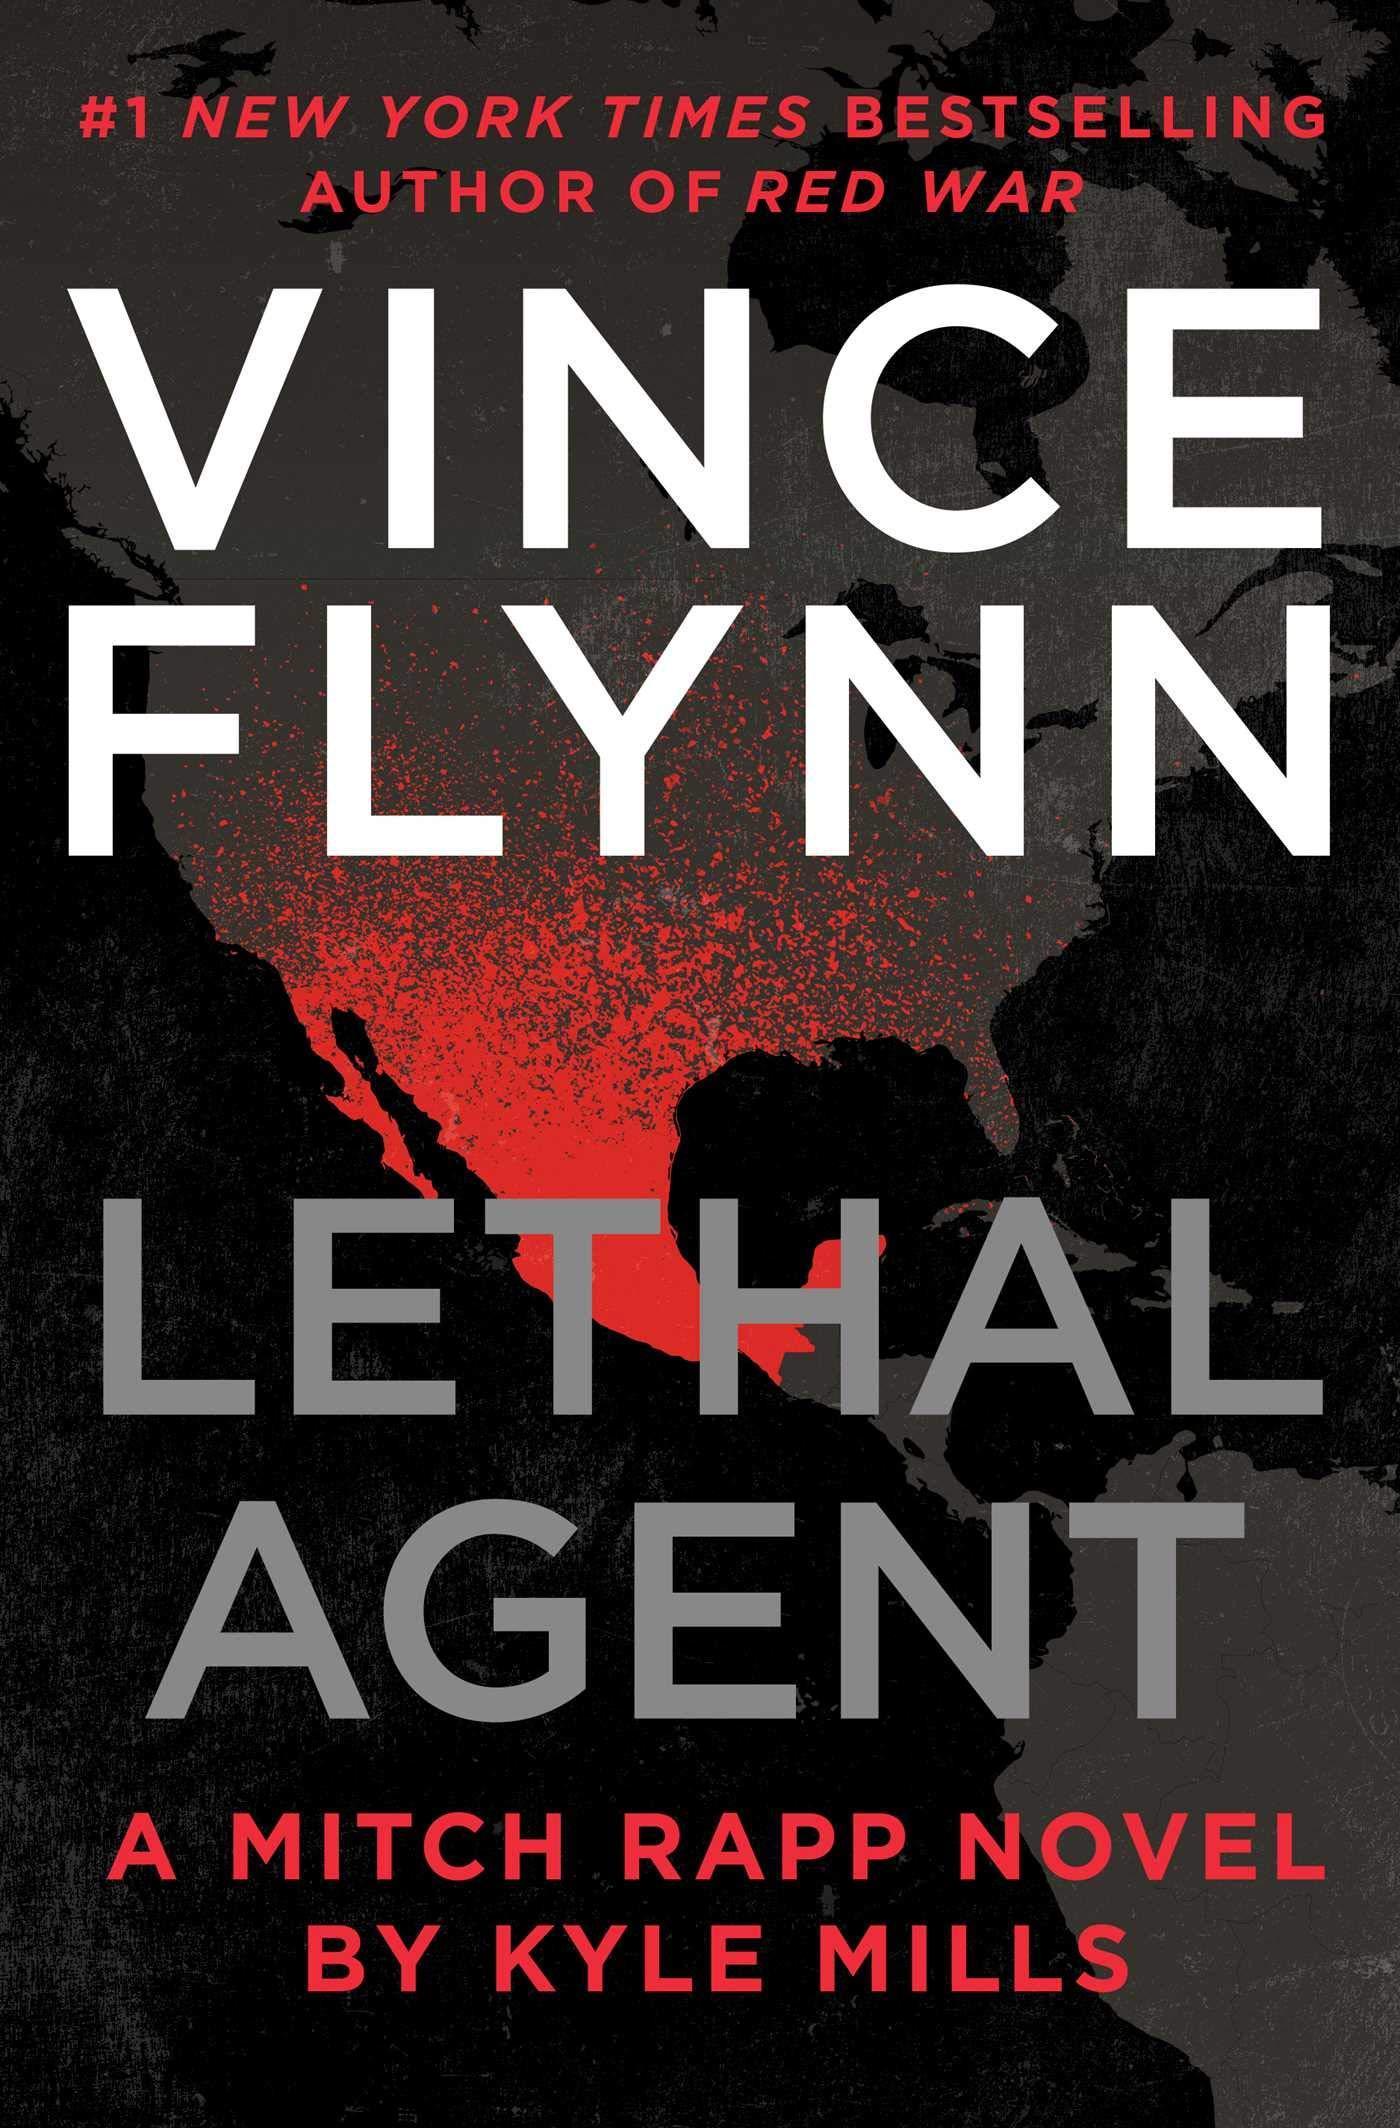 Lethal Agent_Kyle Mills_Vince Flynn.jpg